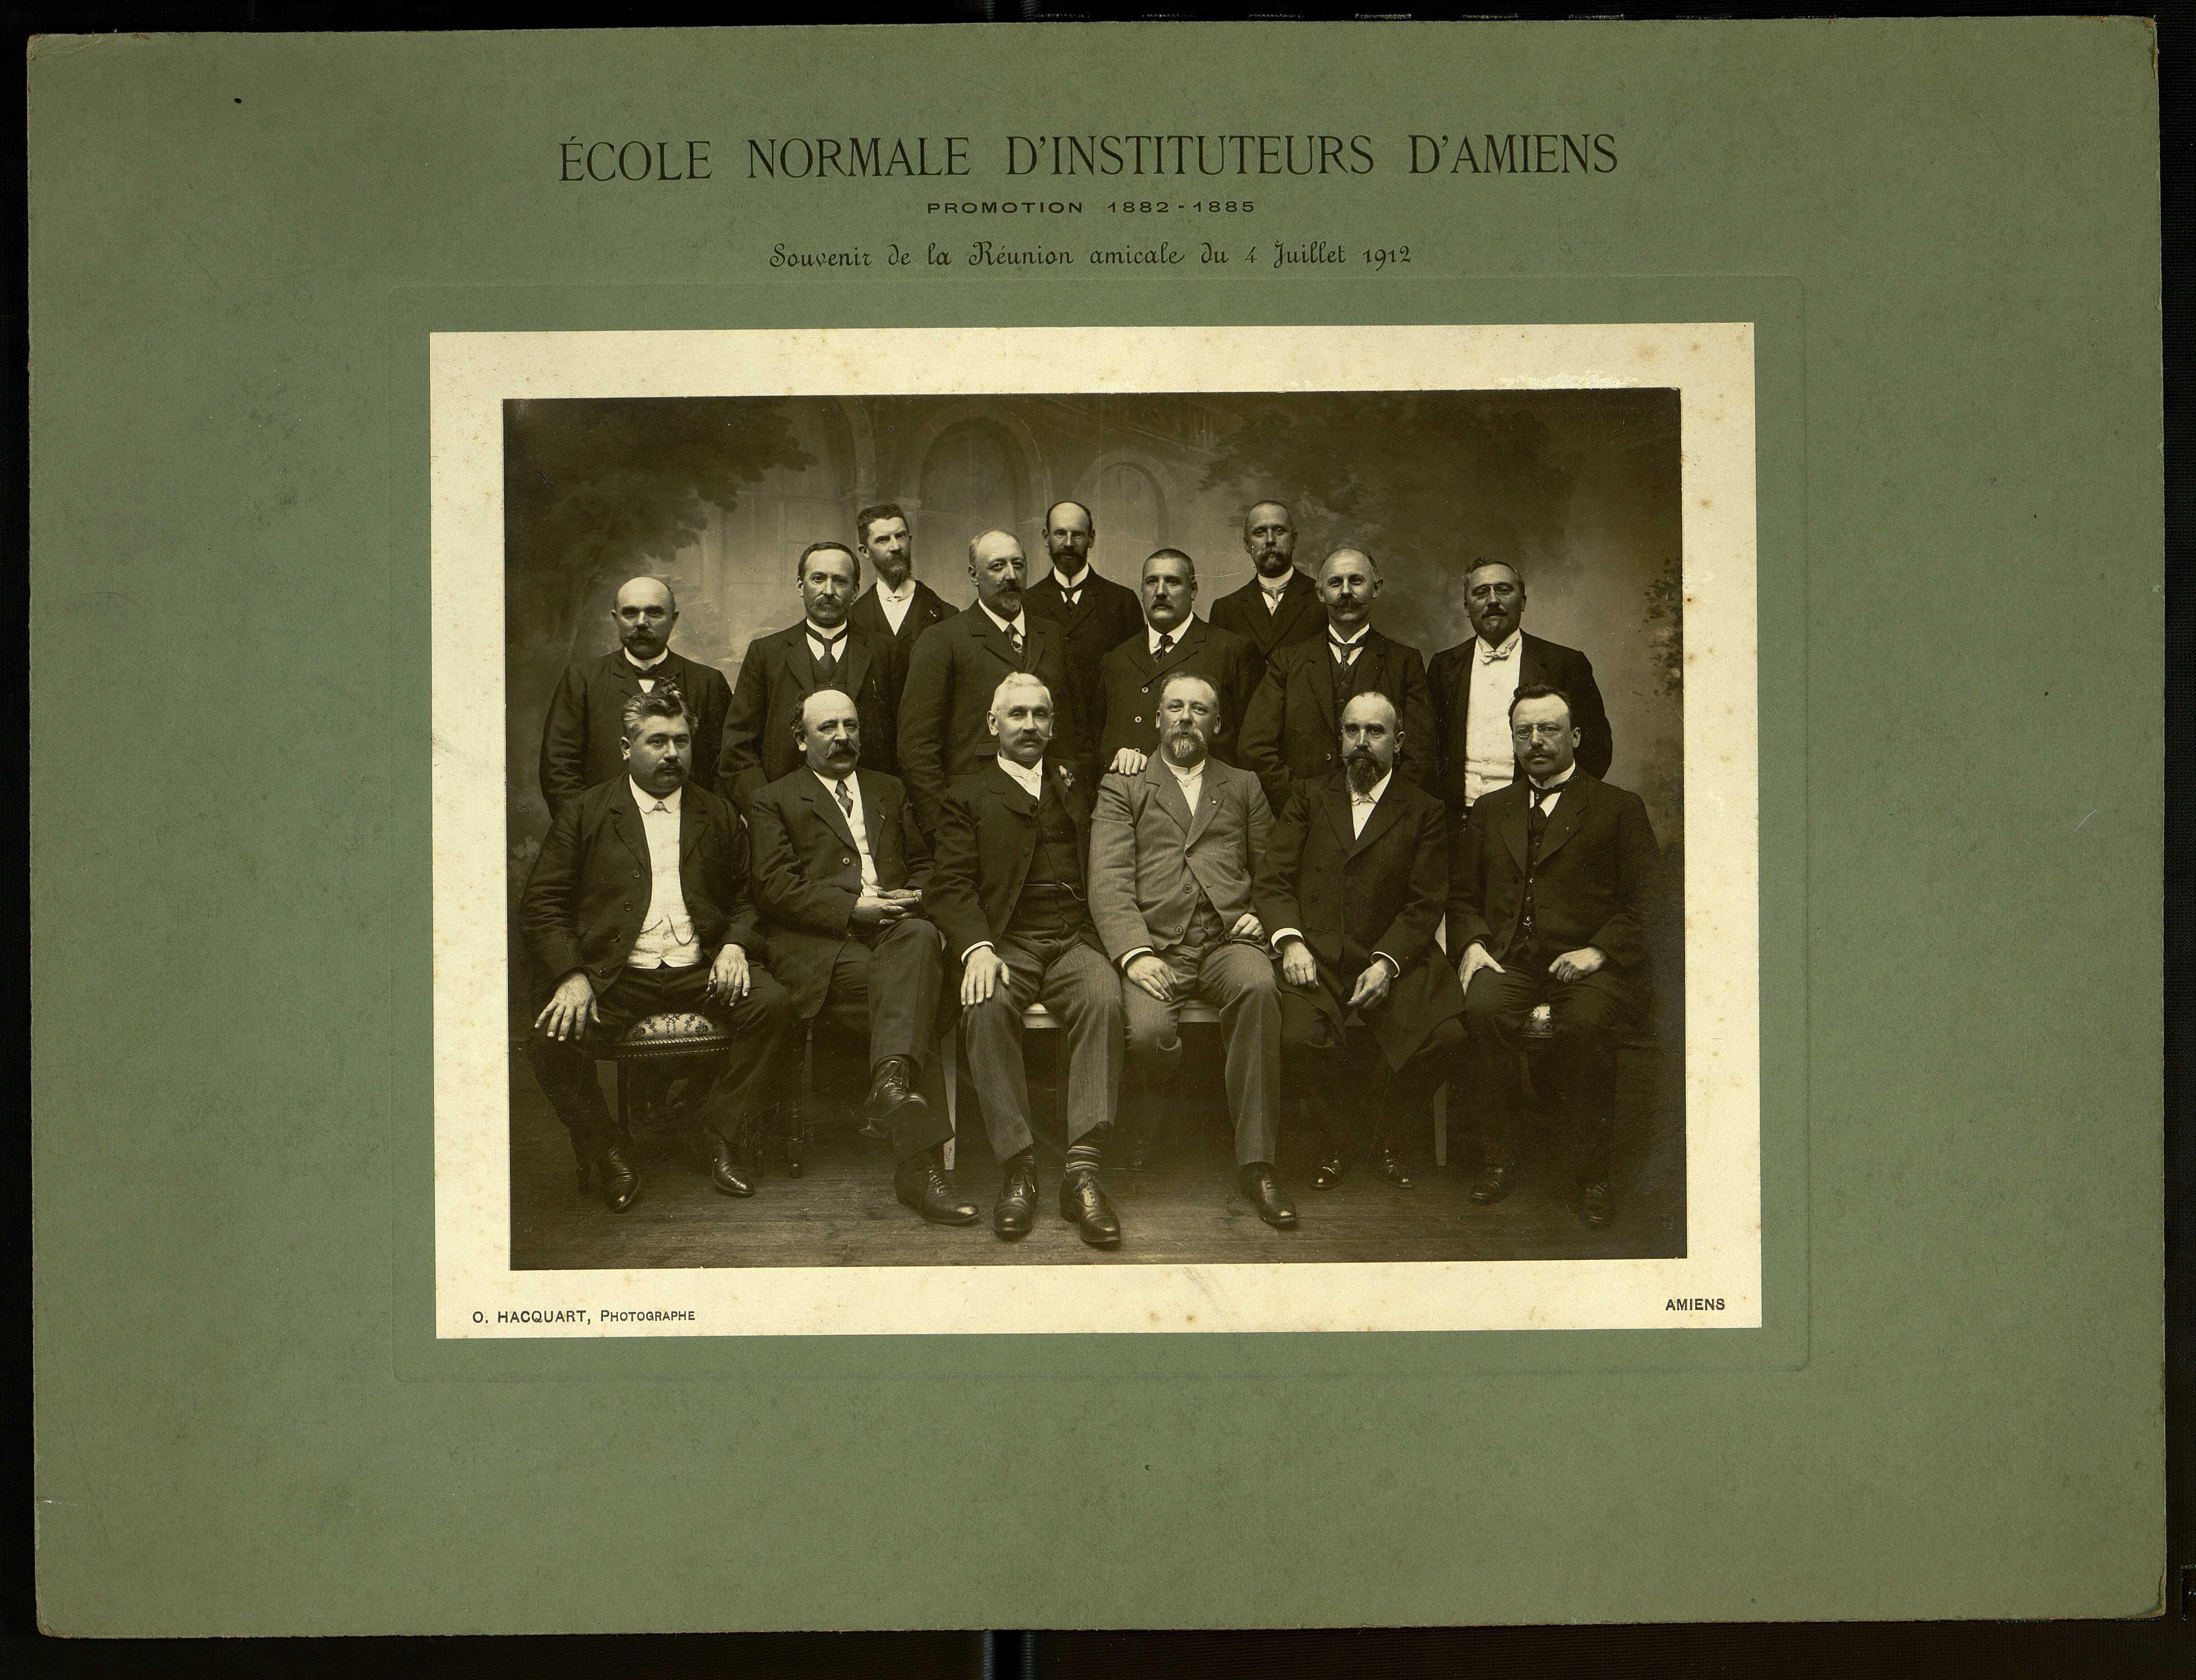 Ecole Normale d'Instituteurs d'Amiens. Promotion 1882-1885 : souvenir de la réunion amicale du 4 juillet 1912